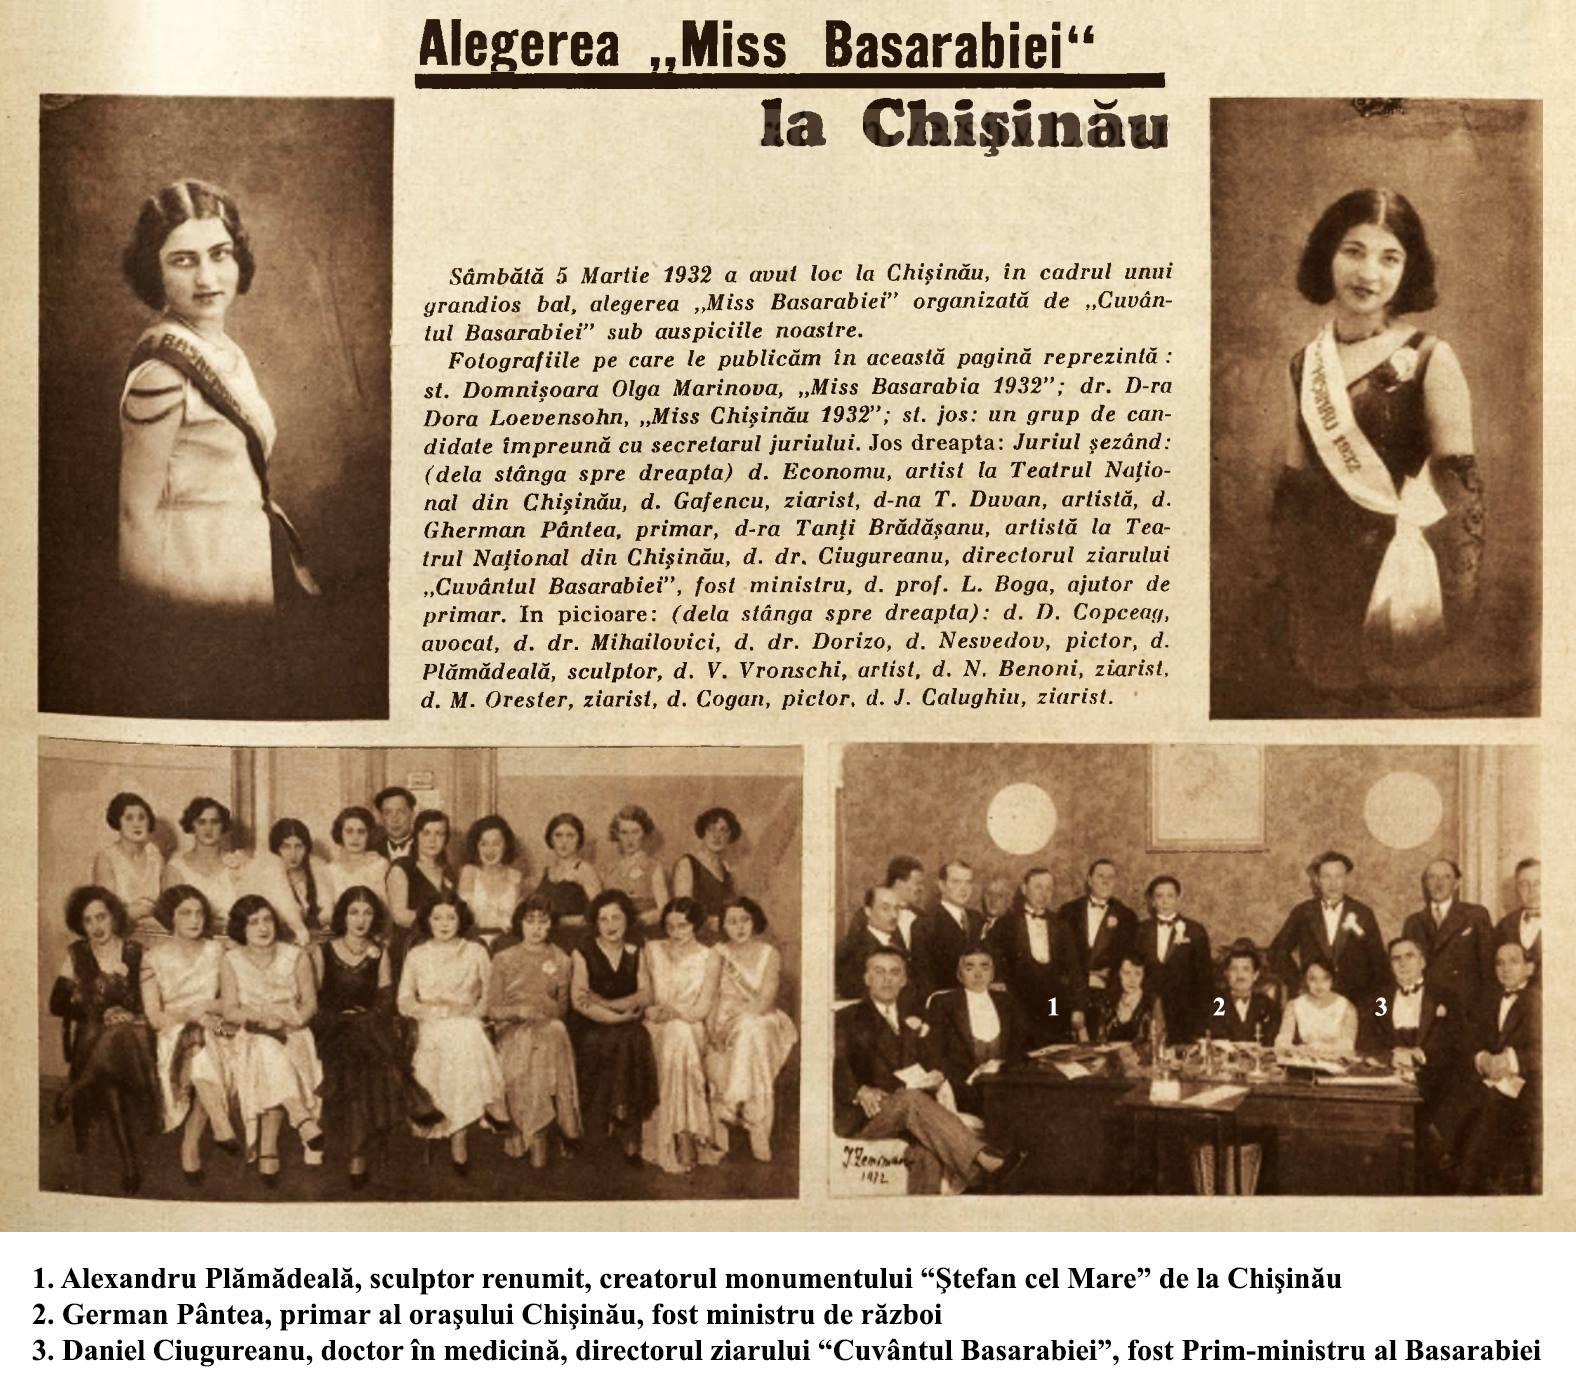 Alegerea miss basarabia la chi in u n data de 5 martie 1932 micael nicolas 39 s blog - Houses romanias political leaders ...